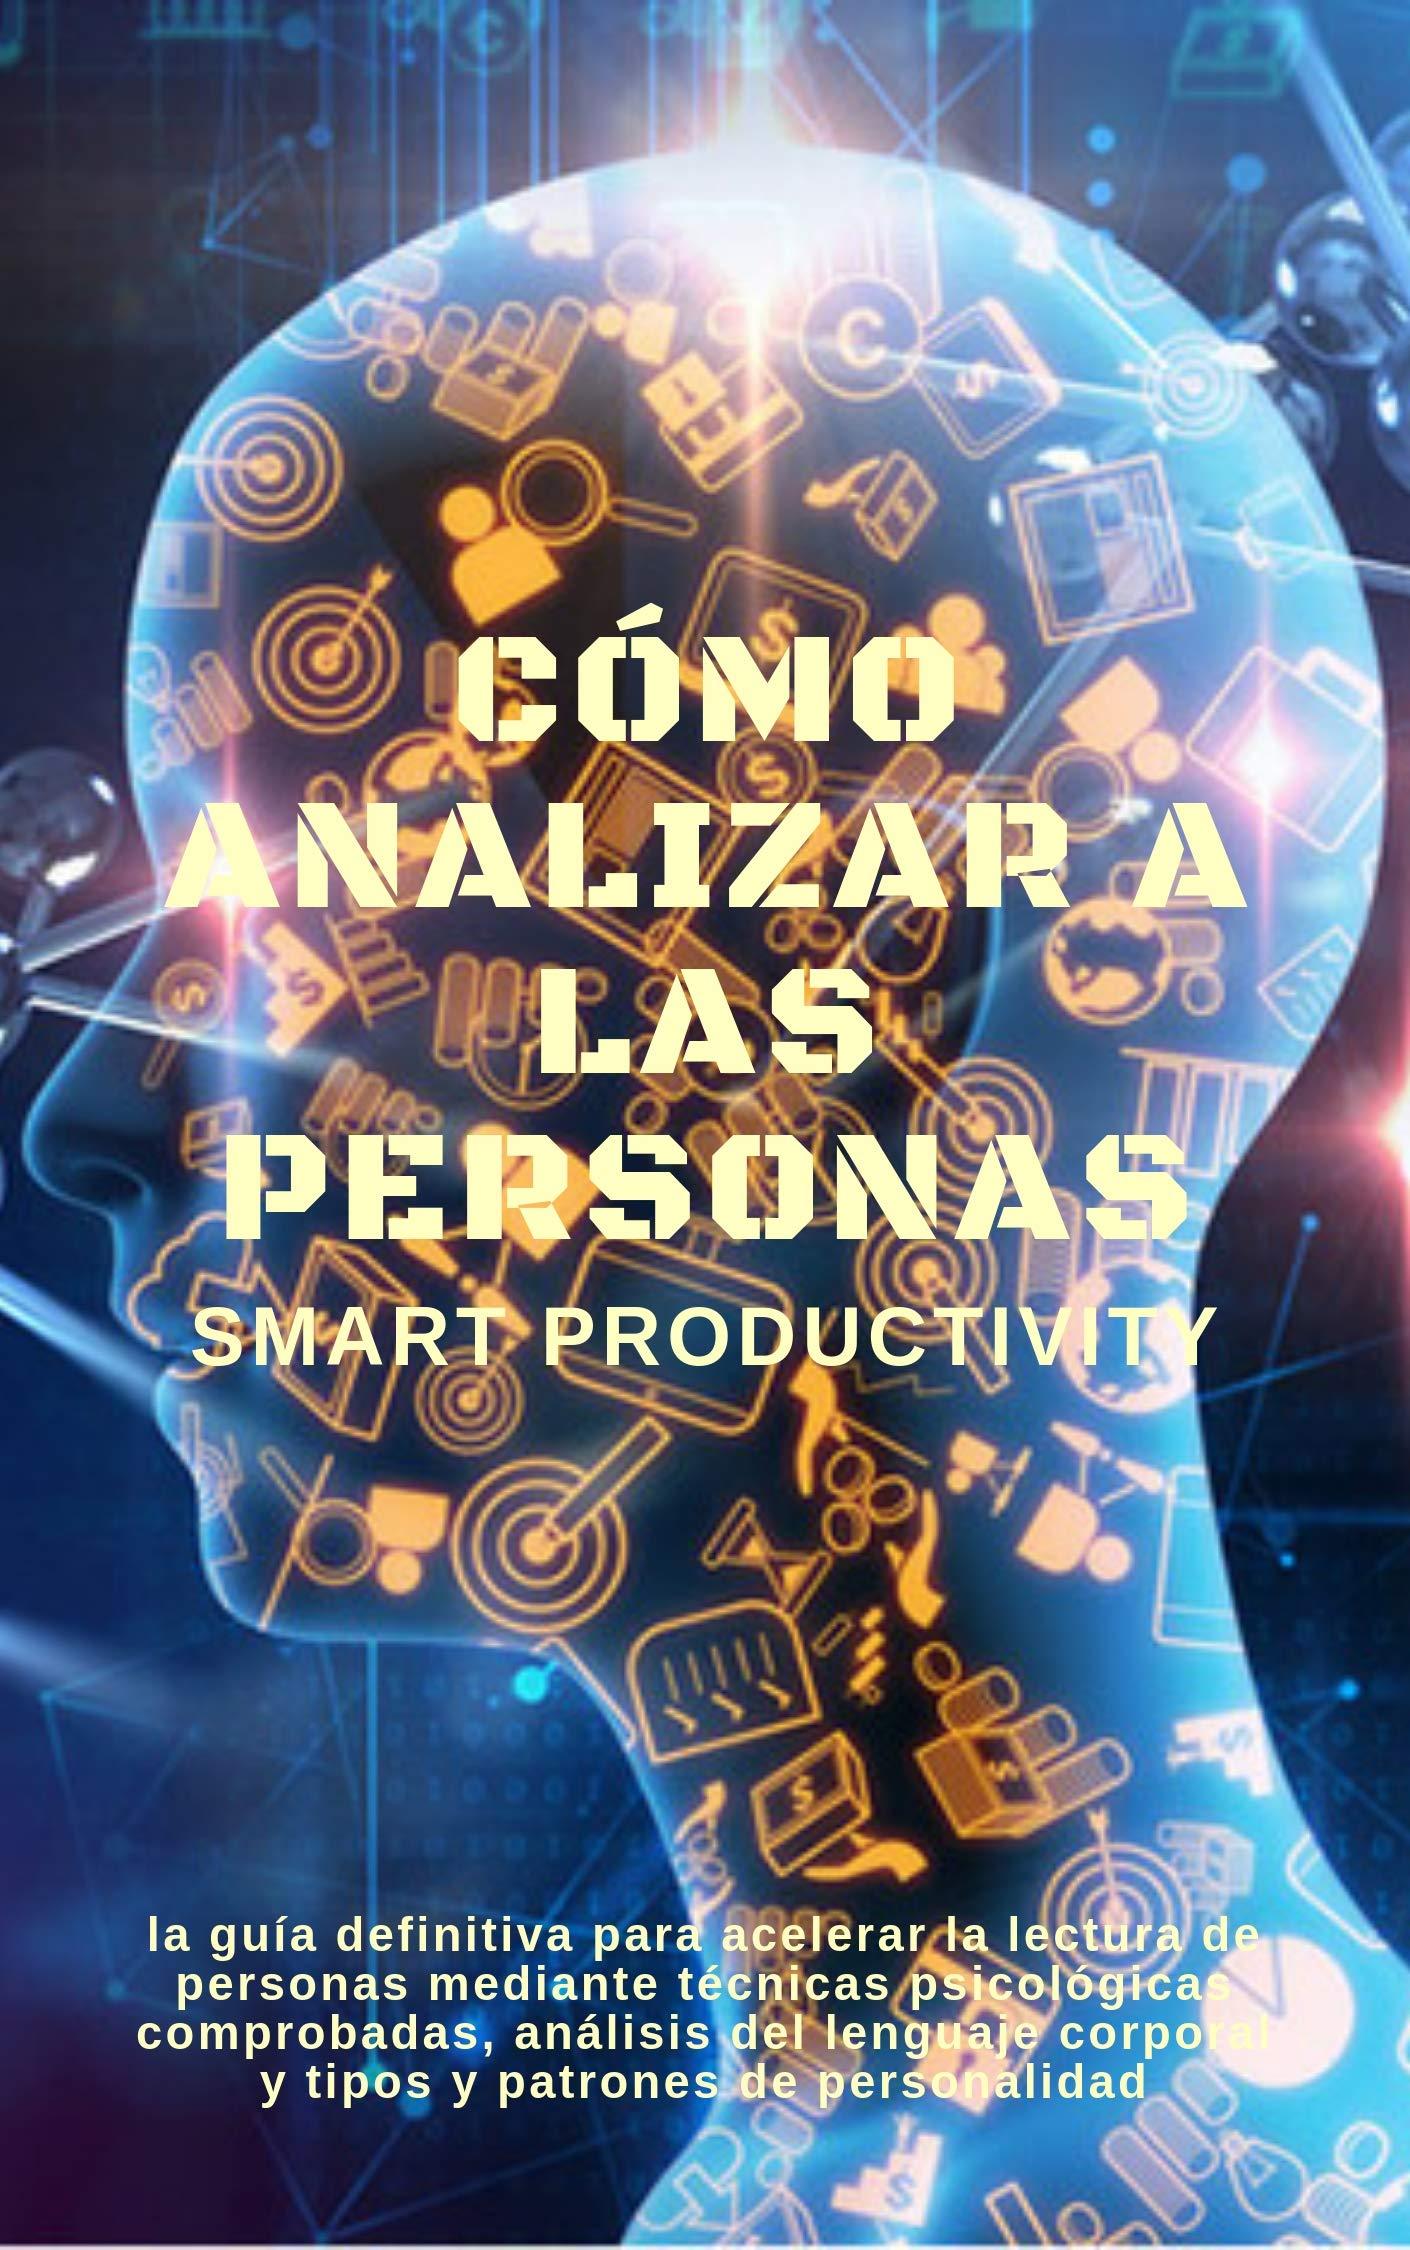 Cómo analizar a las personas: la guía definitiva para acelerar la lectura de personas mediante técnicas psicológicas comprobadas, análisis del lenguaje ... analizar comportamientos, psi nº 5)